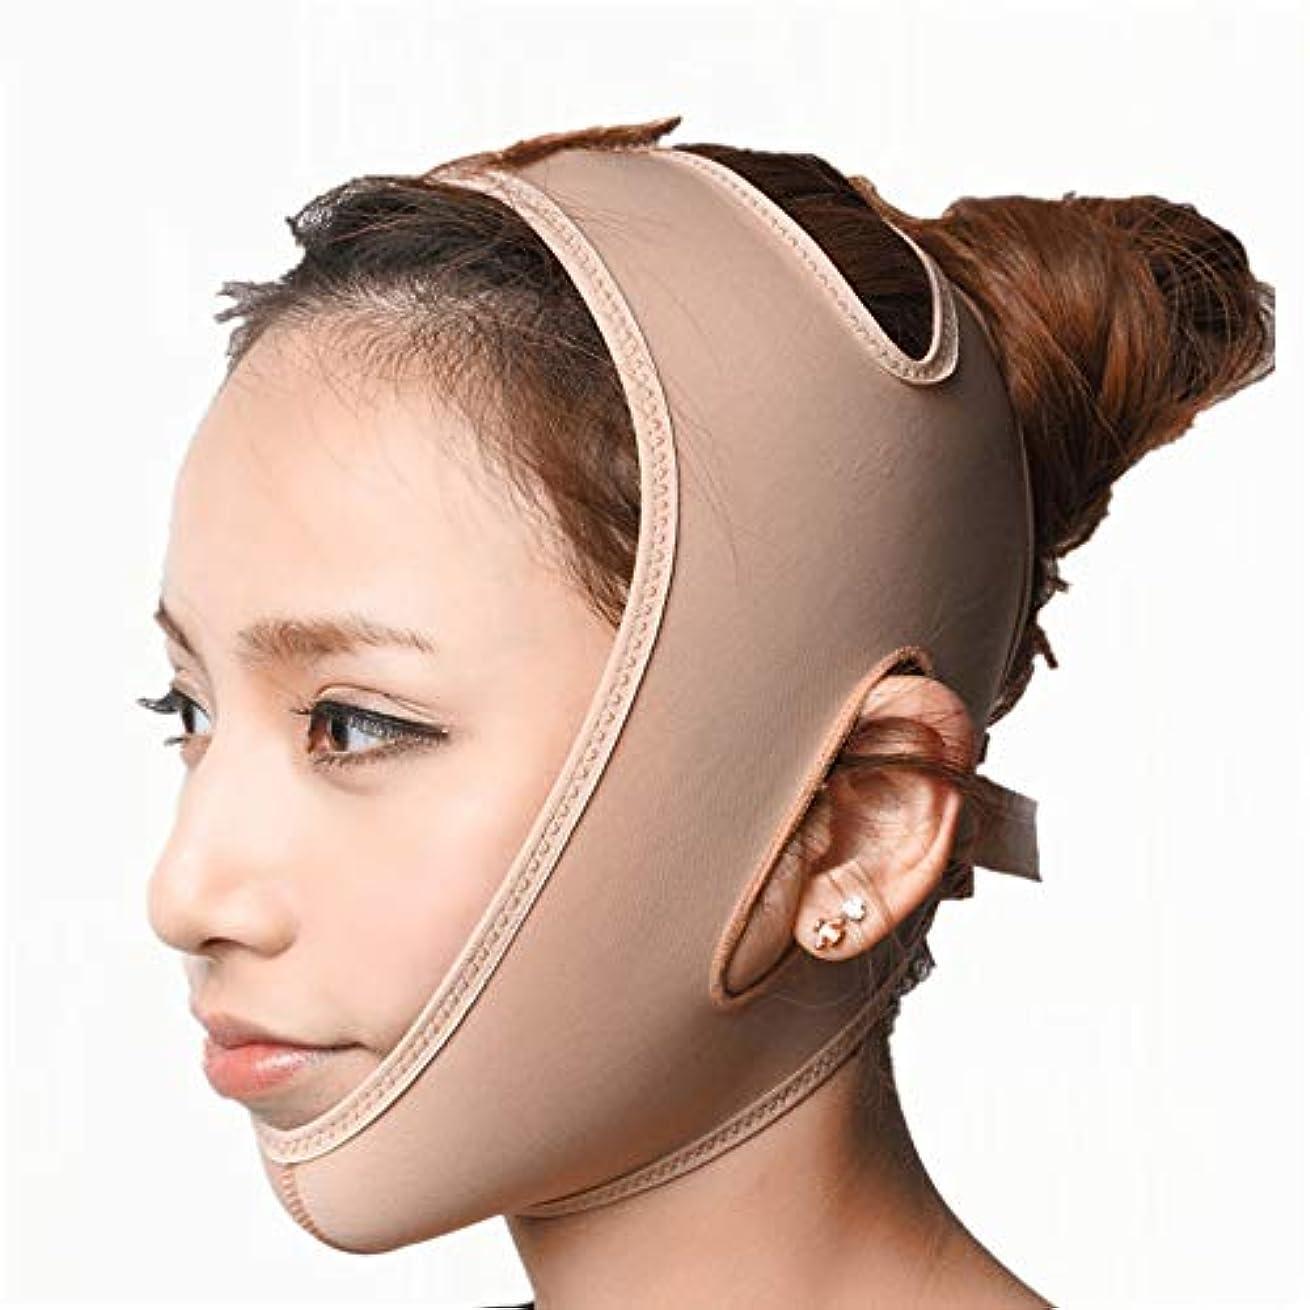 護衛より平らな安定しましたJia Jia- 顔の持ち上がる痩身ベルト - アンチエイジングリンクルフェイスマスクベルトシンフェイス包帯整形マスクは顔と首を締めますフェイススリム 顔面包帯 (サイズ さいず : M)